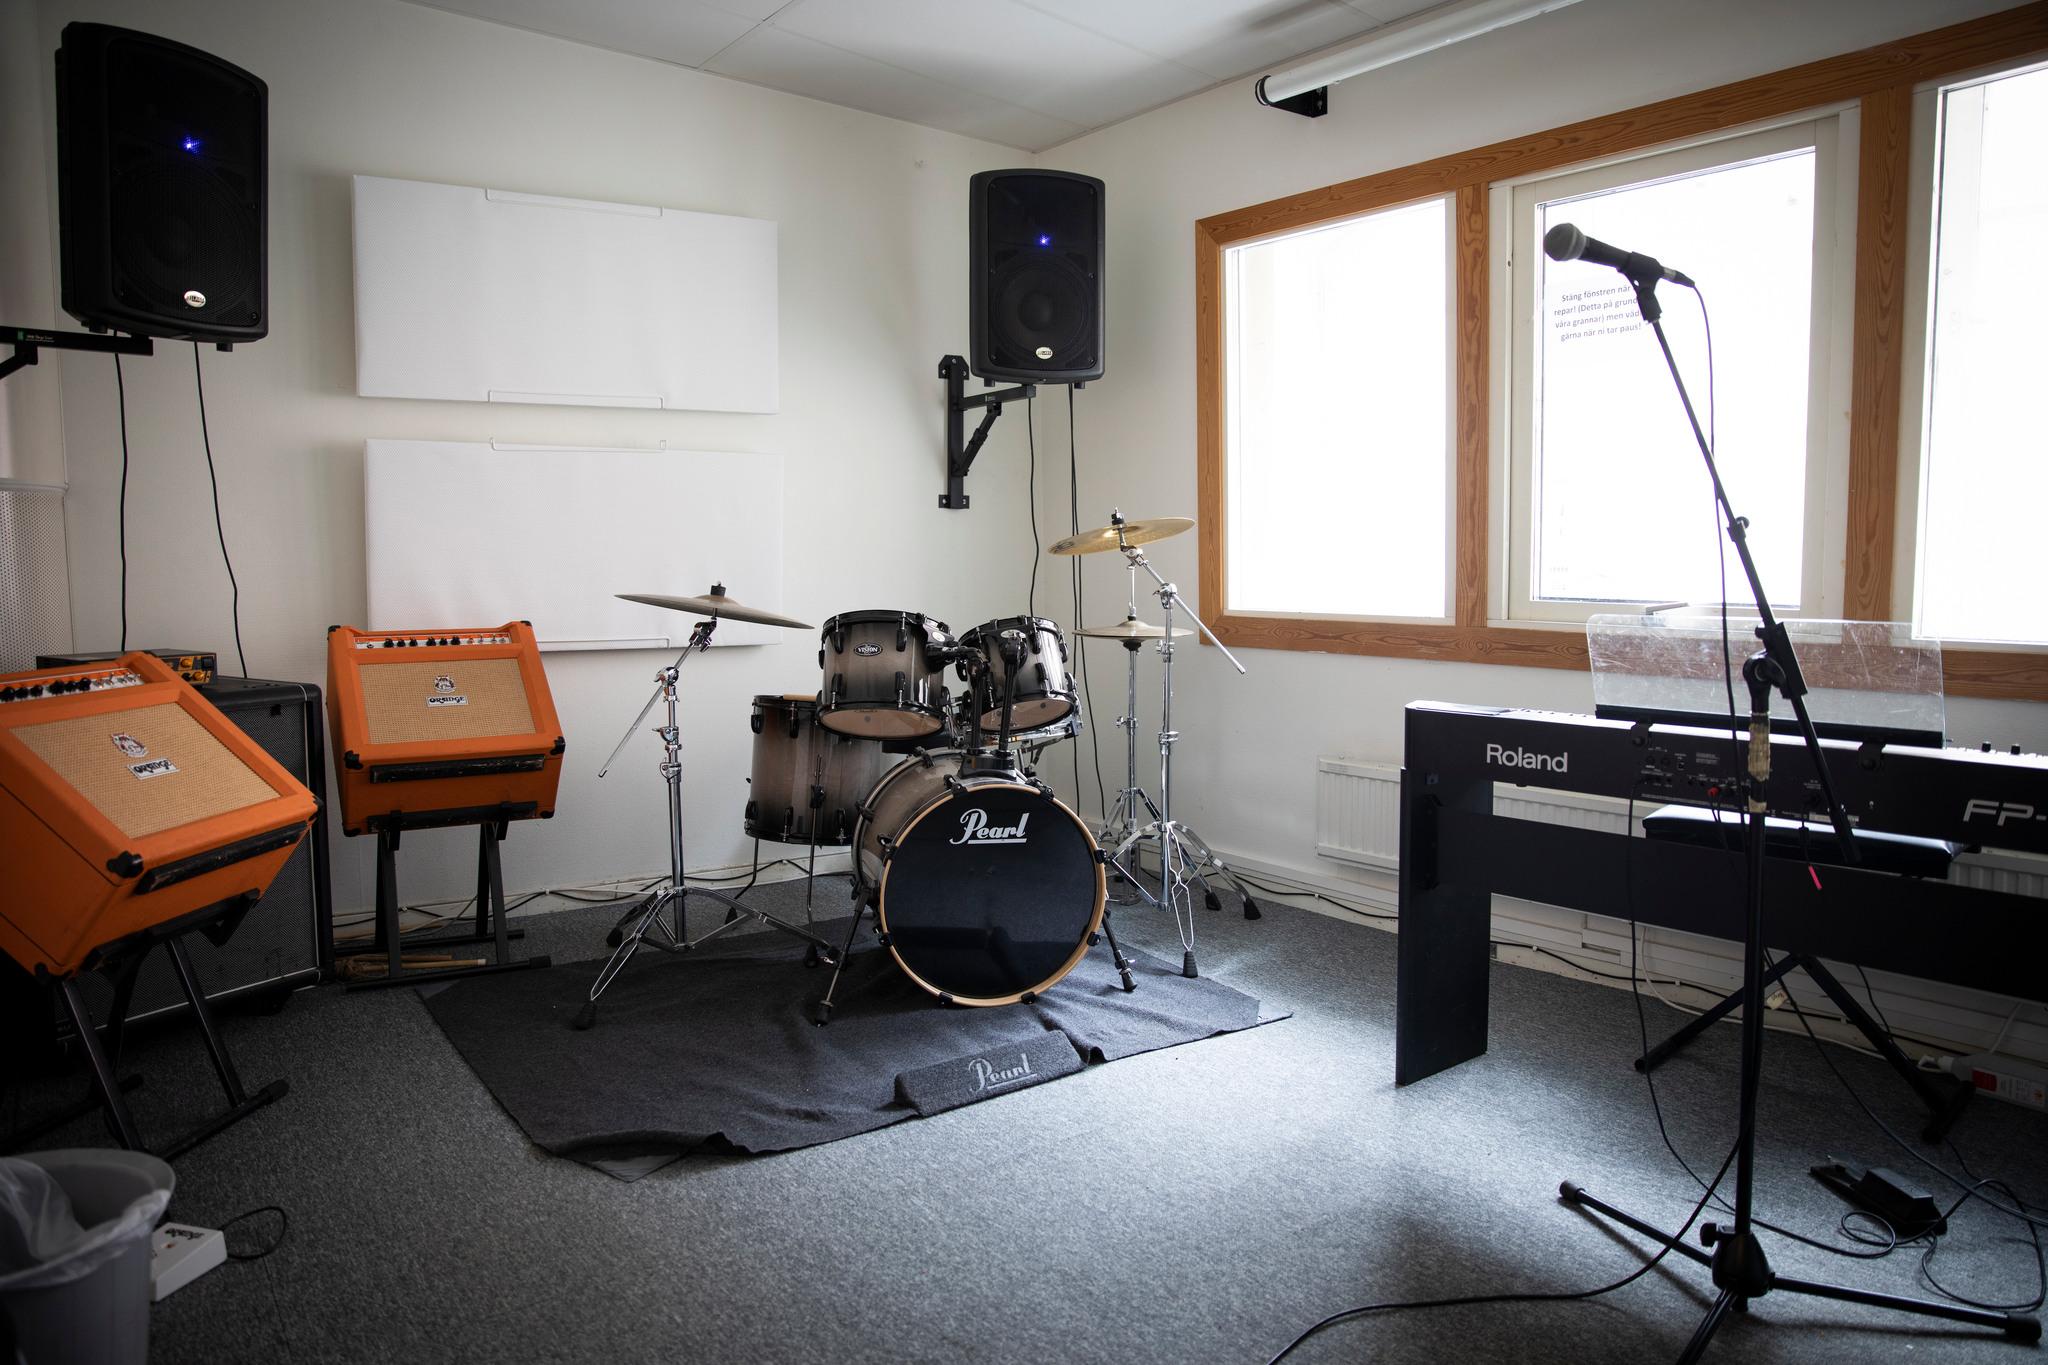 Replokal med elpiano, trummor, mikrofoner och PA